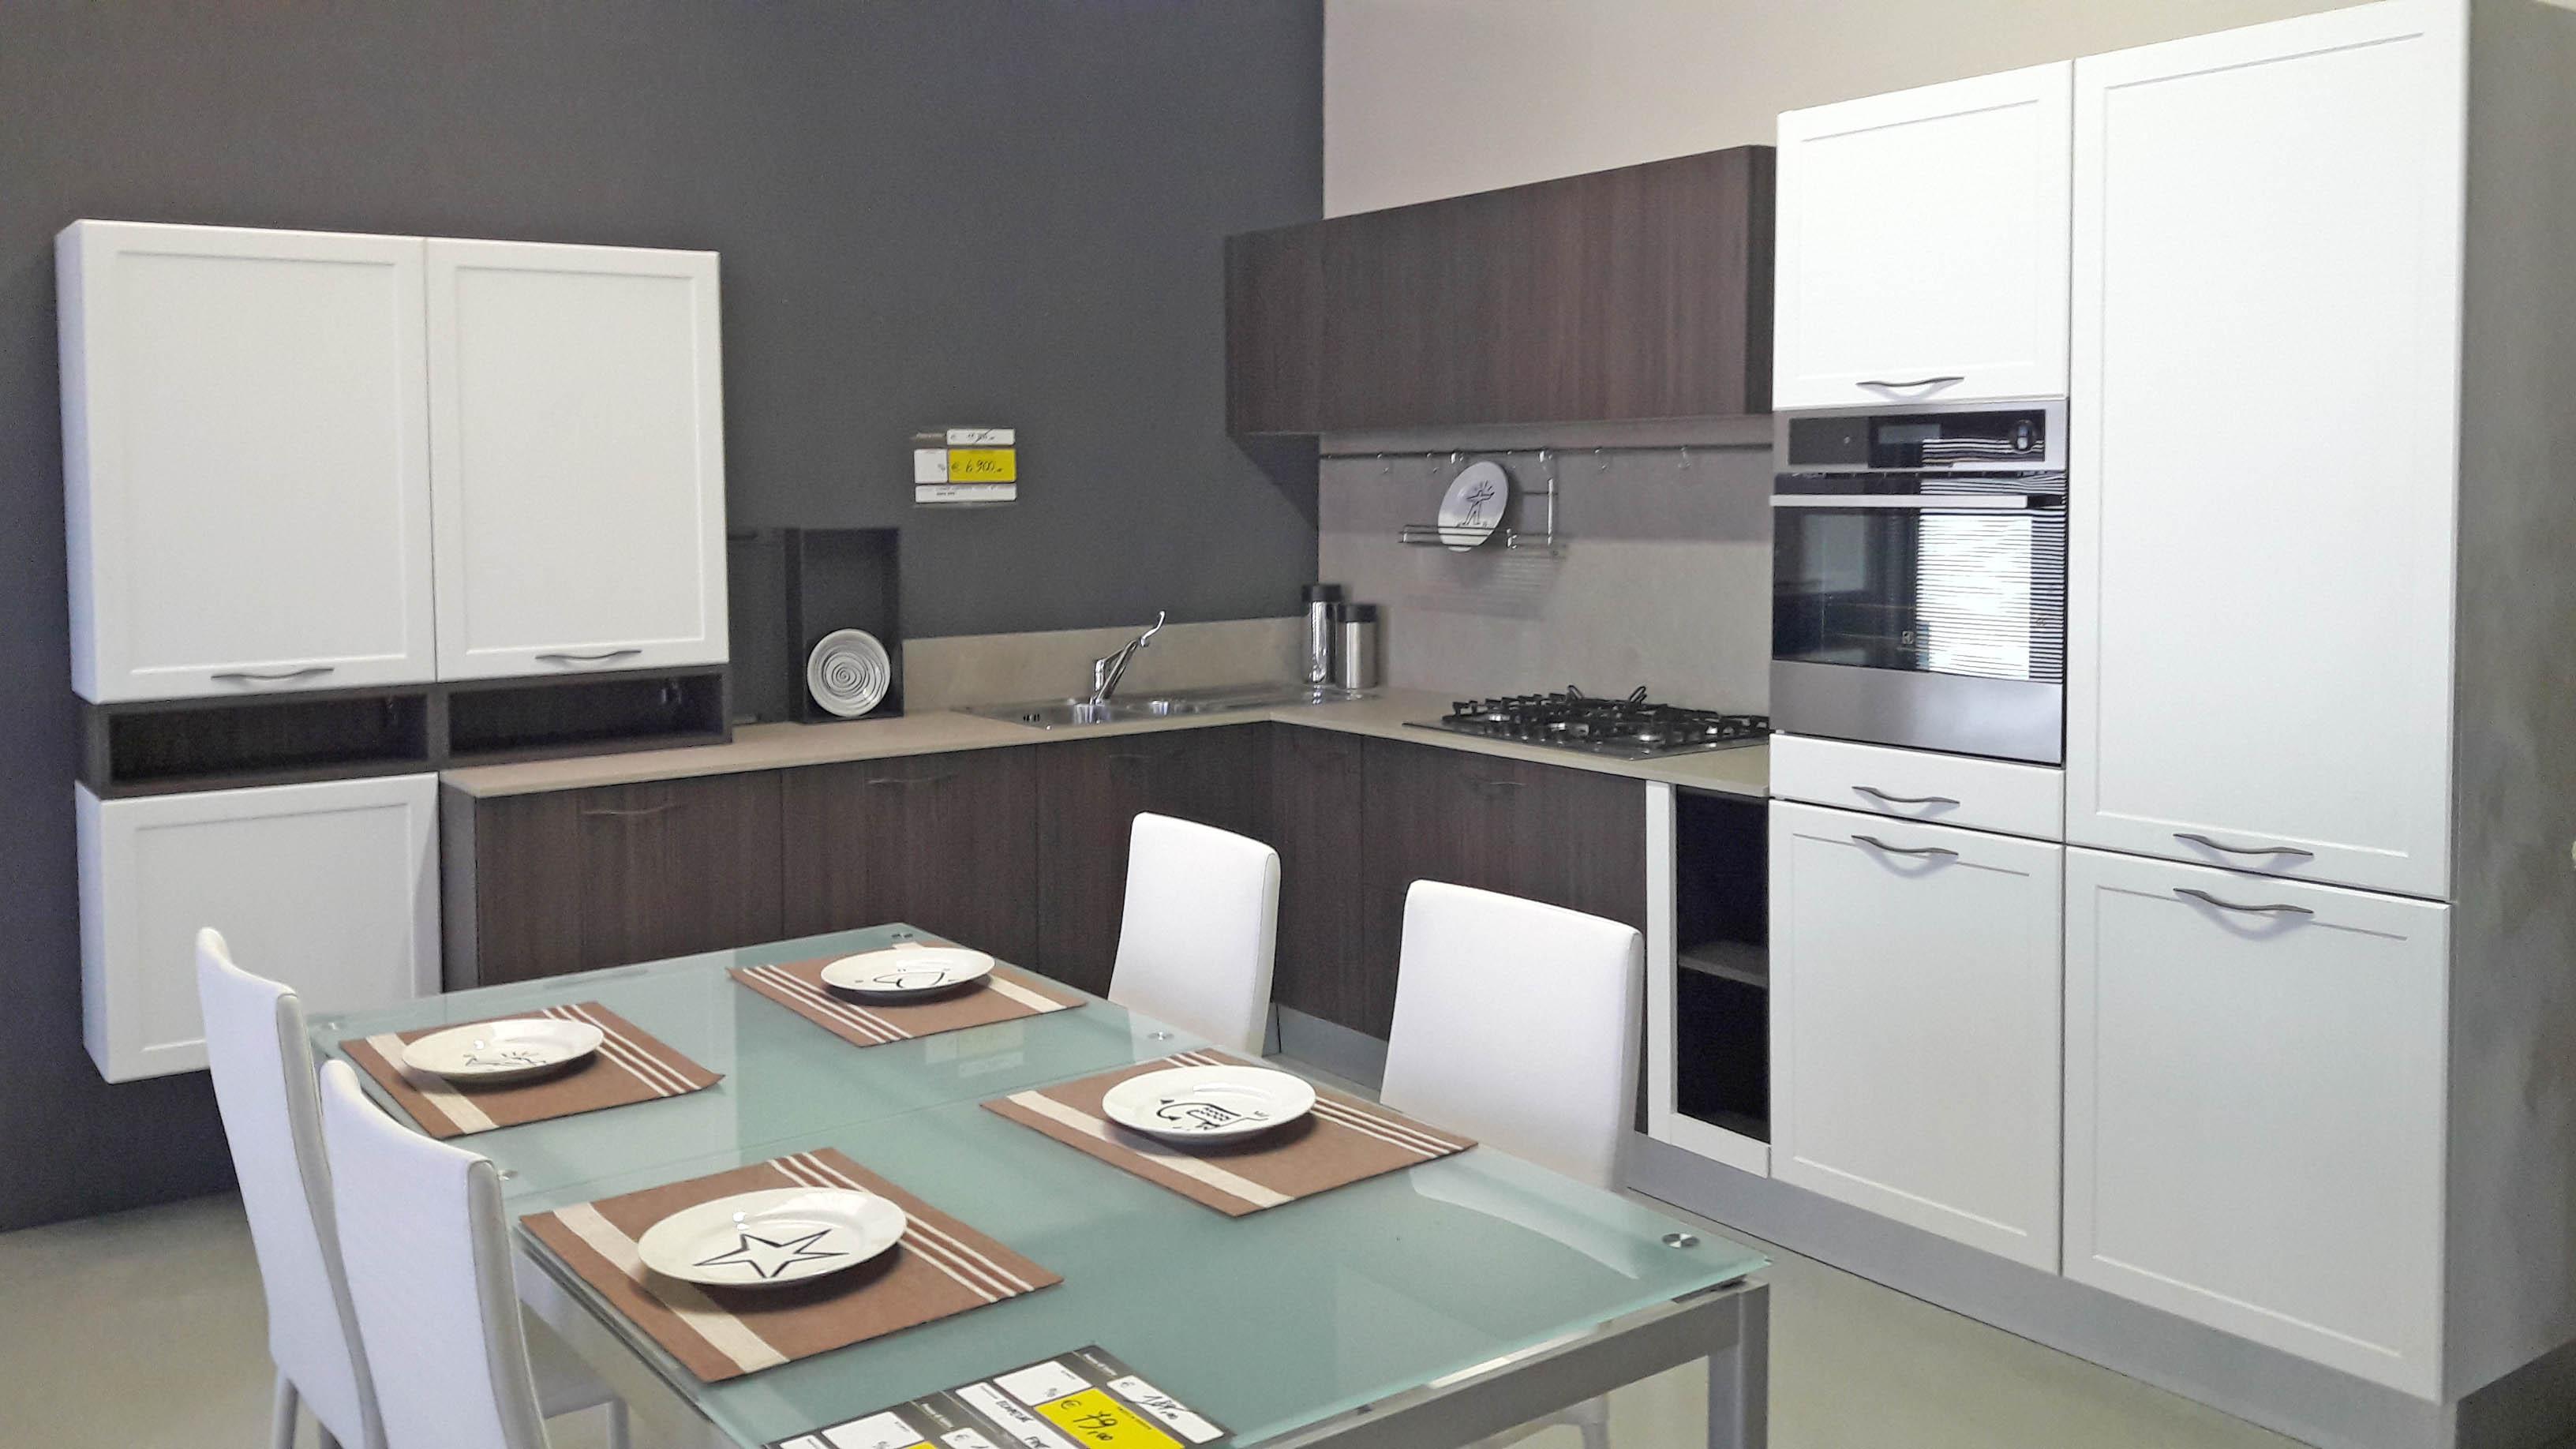 Immagini Cucine Ad Angolo cucina ad angolo contempo touch by snaidero